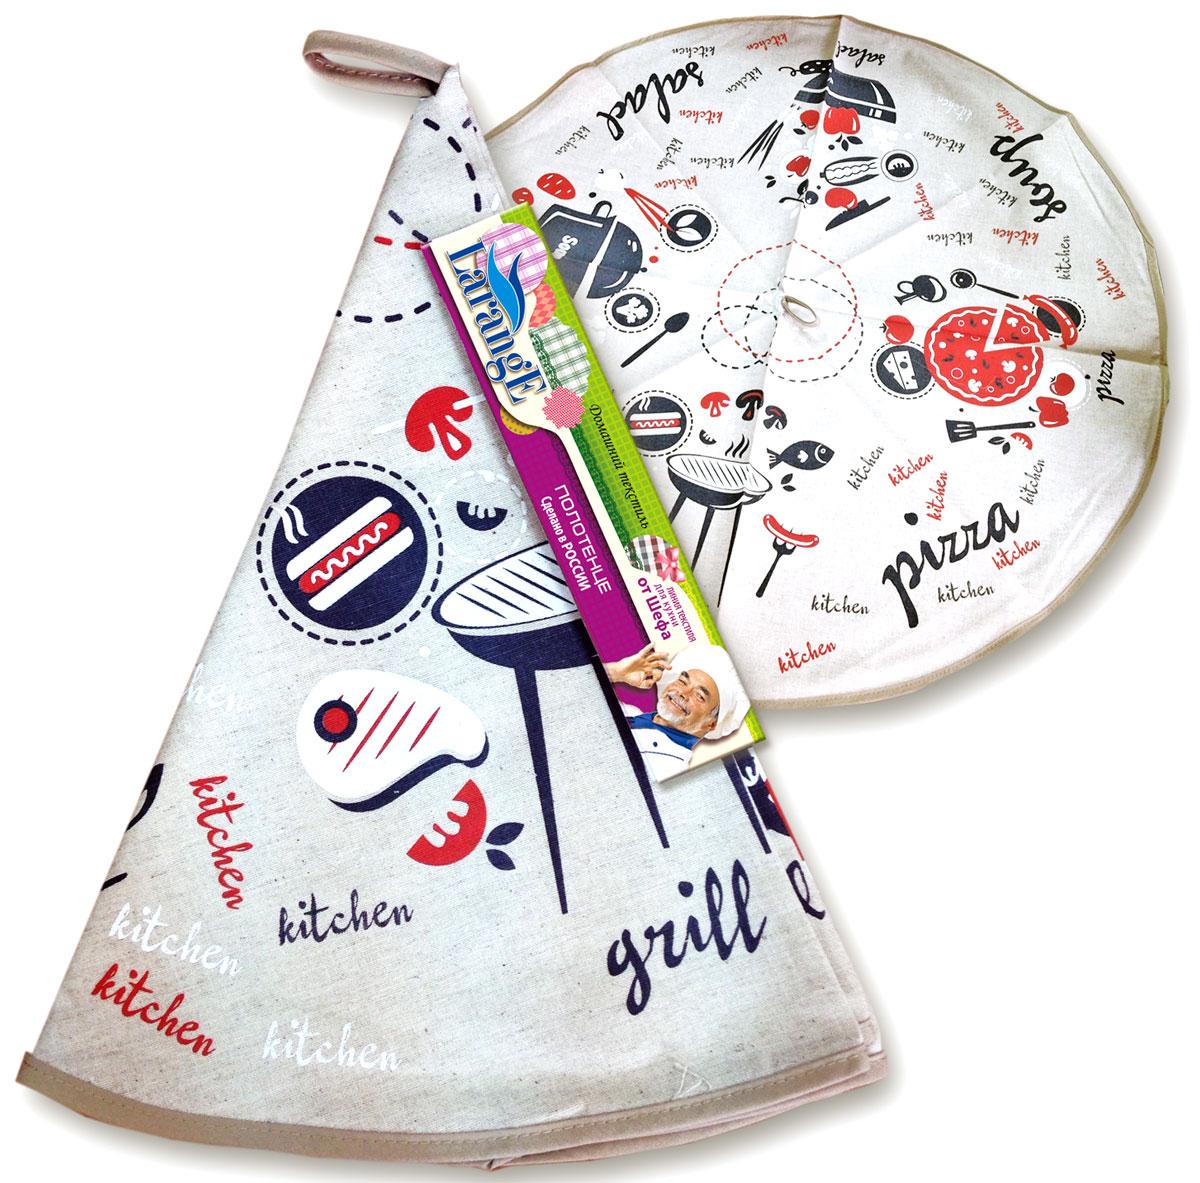 Полотенце От Шефа, круглое, диаметр: 70 см, полулен, шелкография96515412Кухонный текстиль всегда выполняет двойную миссию — декоративную и практичную. Фартуки, полотенца, практичные комплекты из нескольких элементов с декором и прихватки -полезные и красивые кухонные аксессуары необходимые каждой хозяйке. Домашний текстиль из натурального льна — не просто следование модной тенденции к естественности. Лен — это действительно одно из самых ценных волокон растительного происхождения. Его уникальные свойства наделяют ткани ценными качествами. Льняная ткань — самая прочная и экологичная. Она практически не выгорает на прямом солнце, легко стирается и, при этом, не садится и не деформируется.